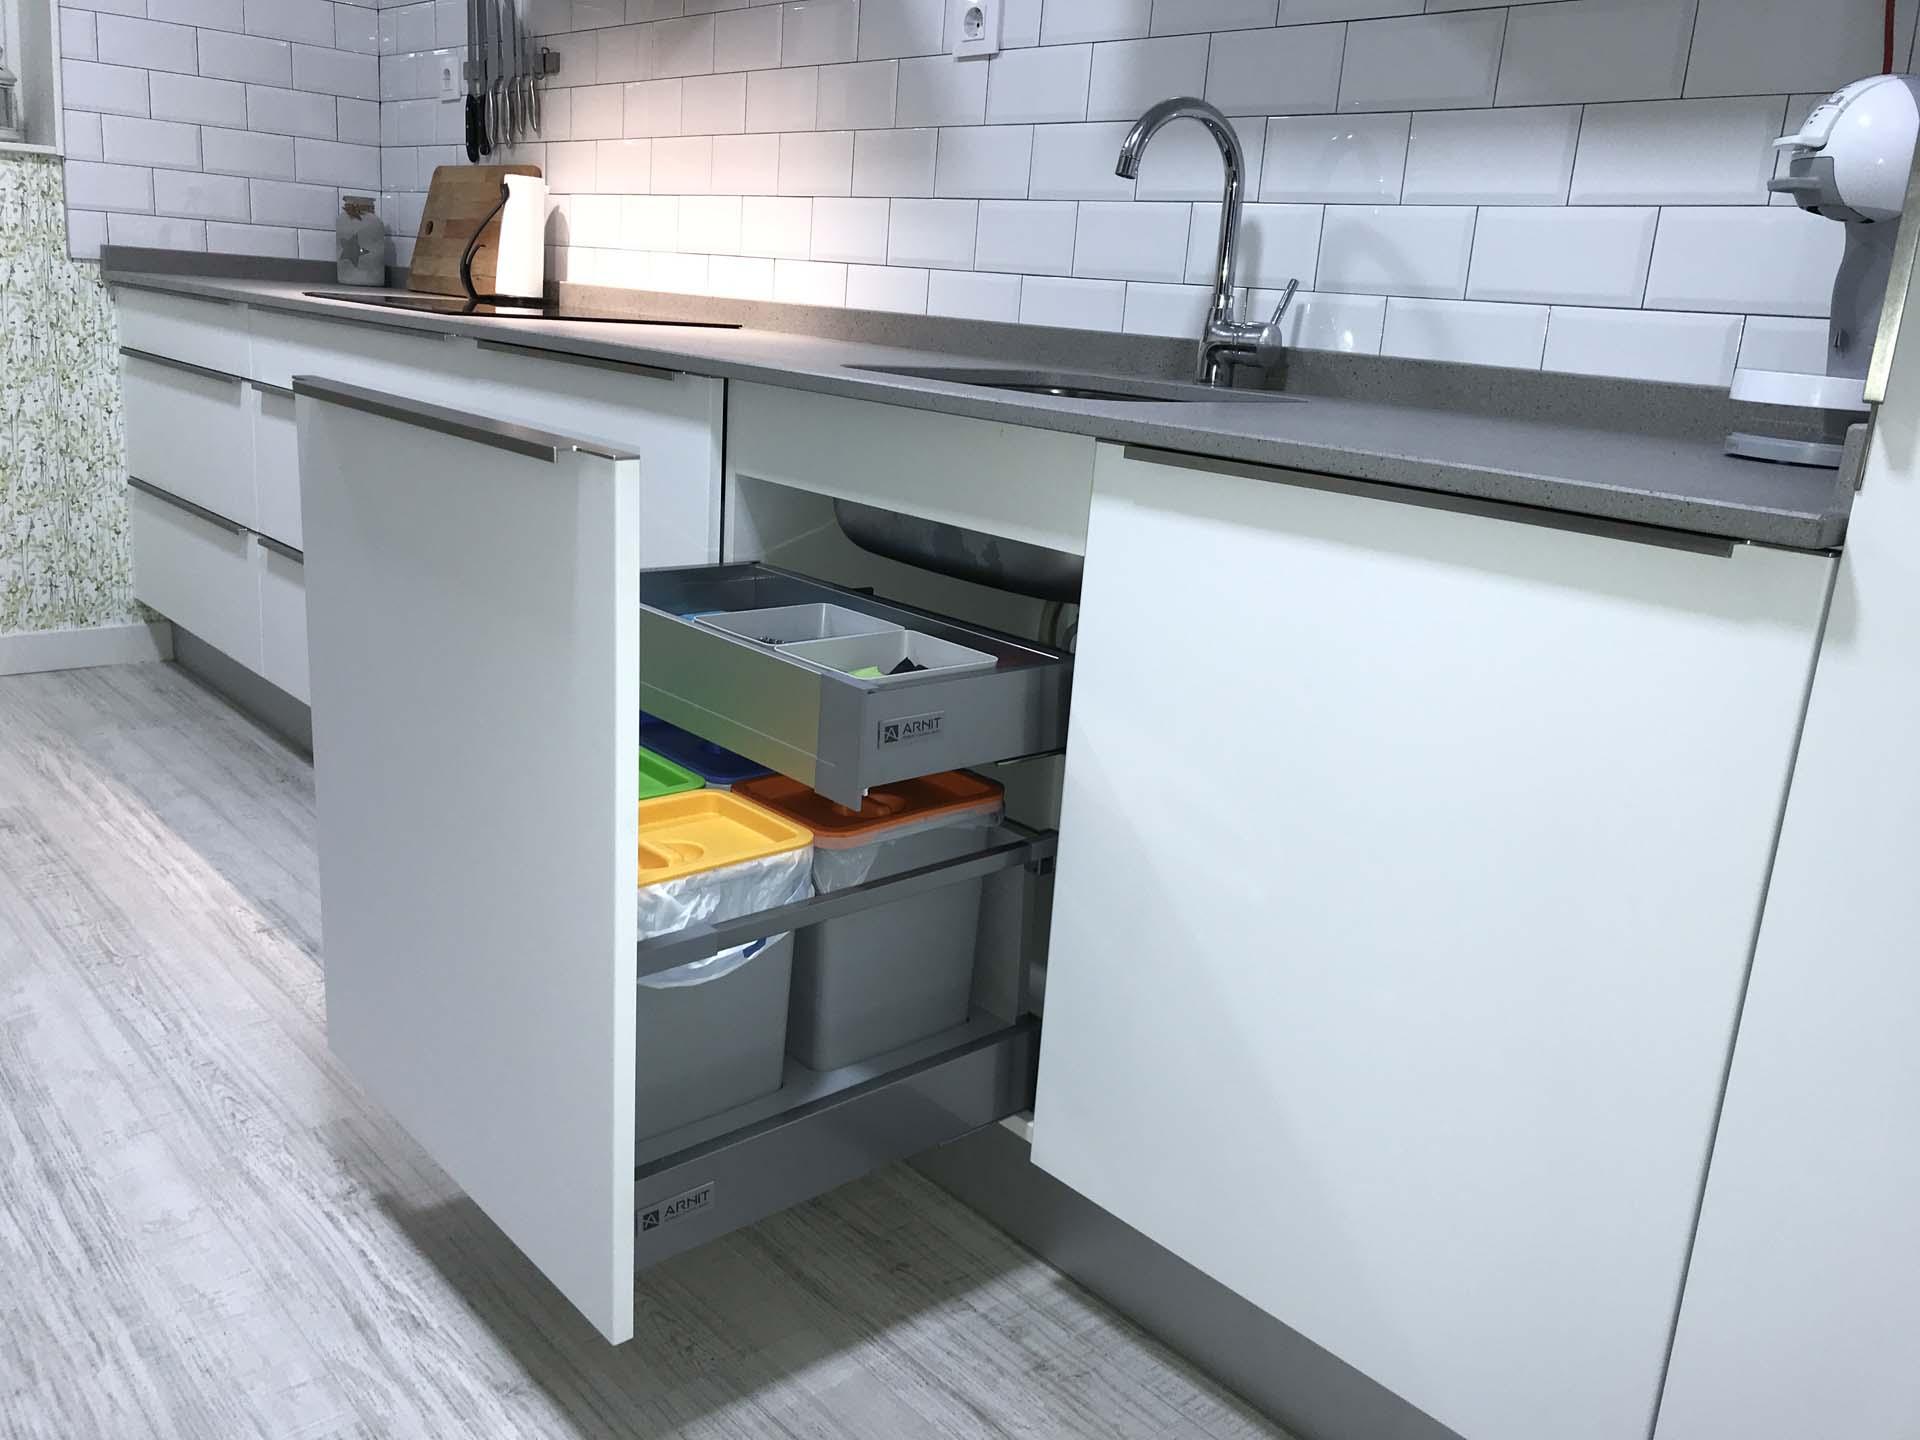 cocina extraible fregadero